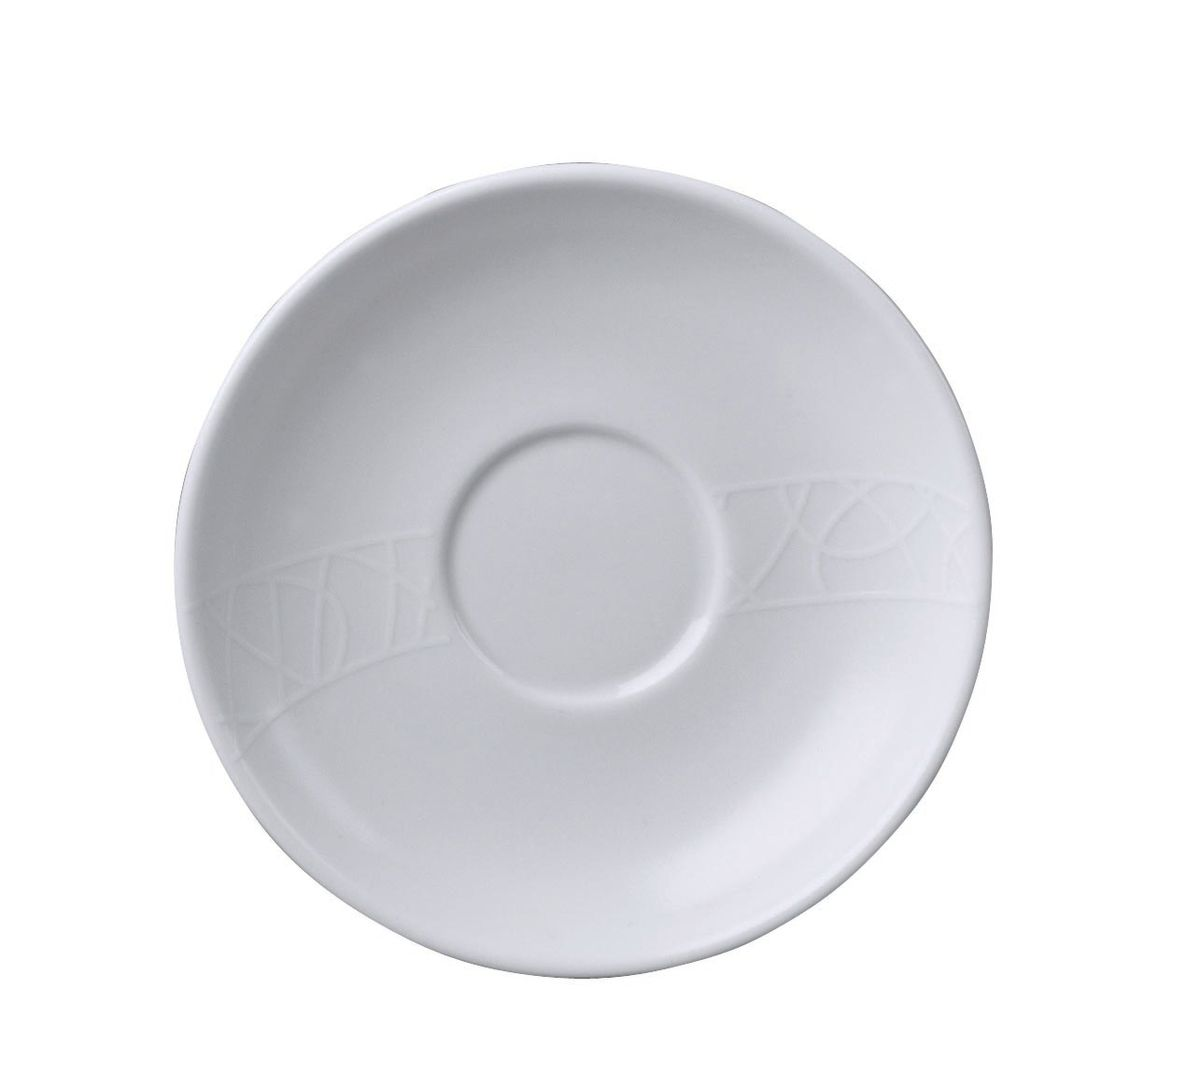 Блюдце кофейное Churchill Джейми Оливер, диаметр 13,5 см115510Блюдце кофейное Churchill Джейми Оливер выполнено из высококачественного фарфора. Простой орнамент с тонкими текстурными линиями. Коллекция Белое на белом - лёгкий и непринуждённый стиль. Посуда этой коллекции износостойкая и ударопрочная.